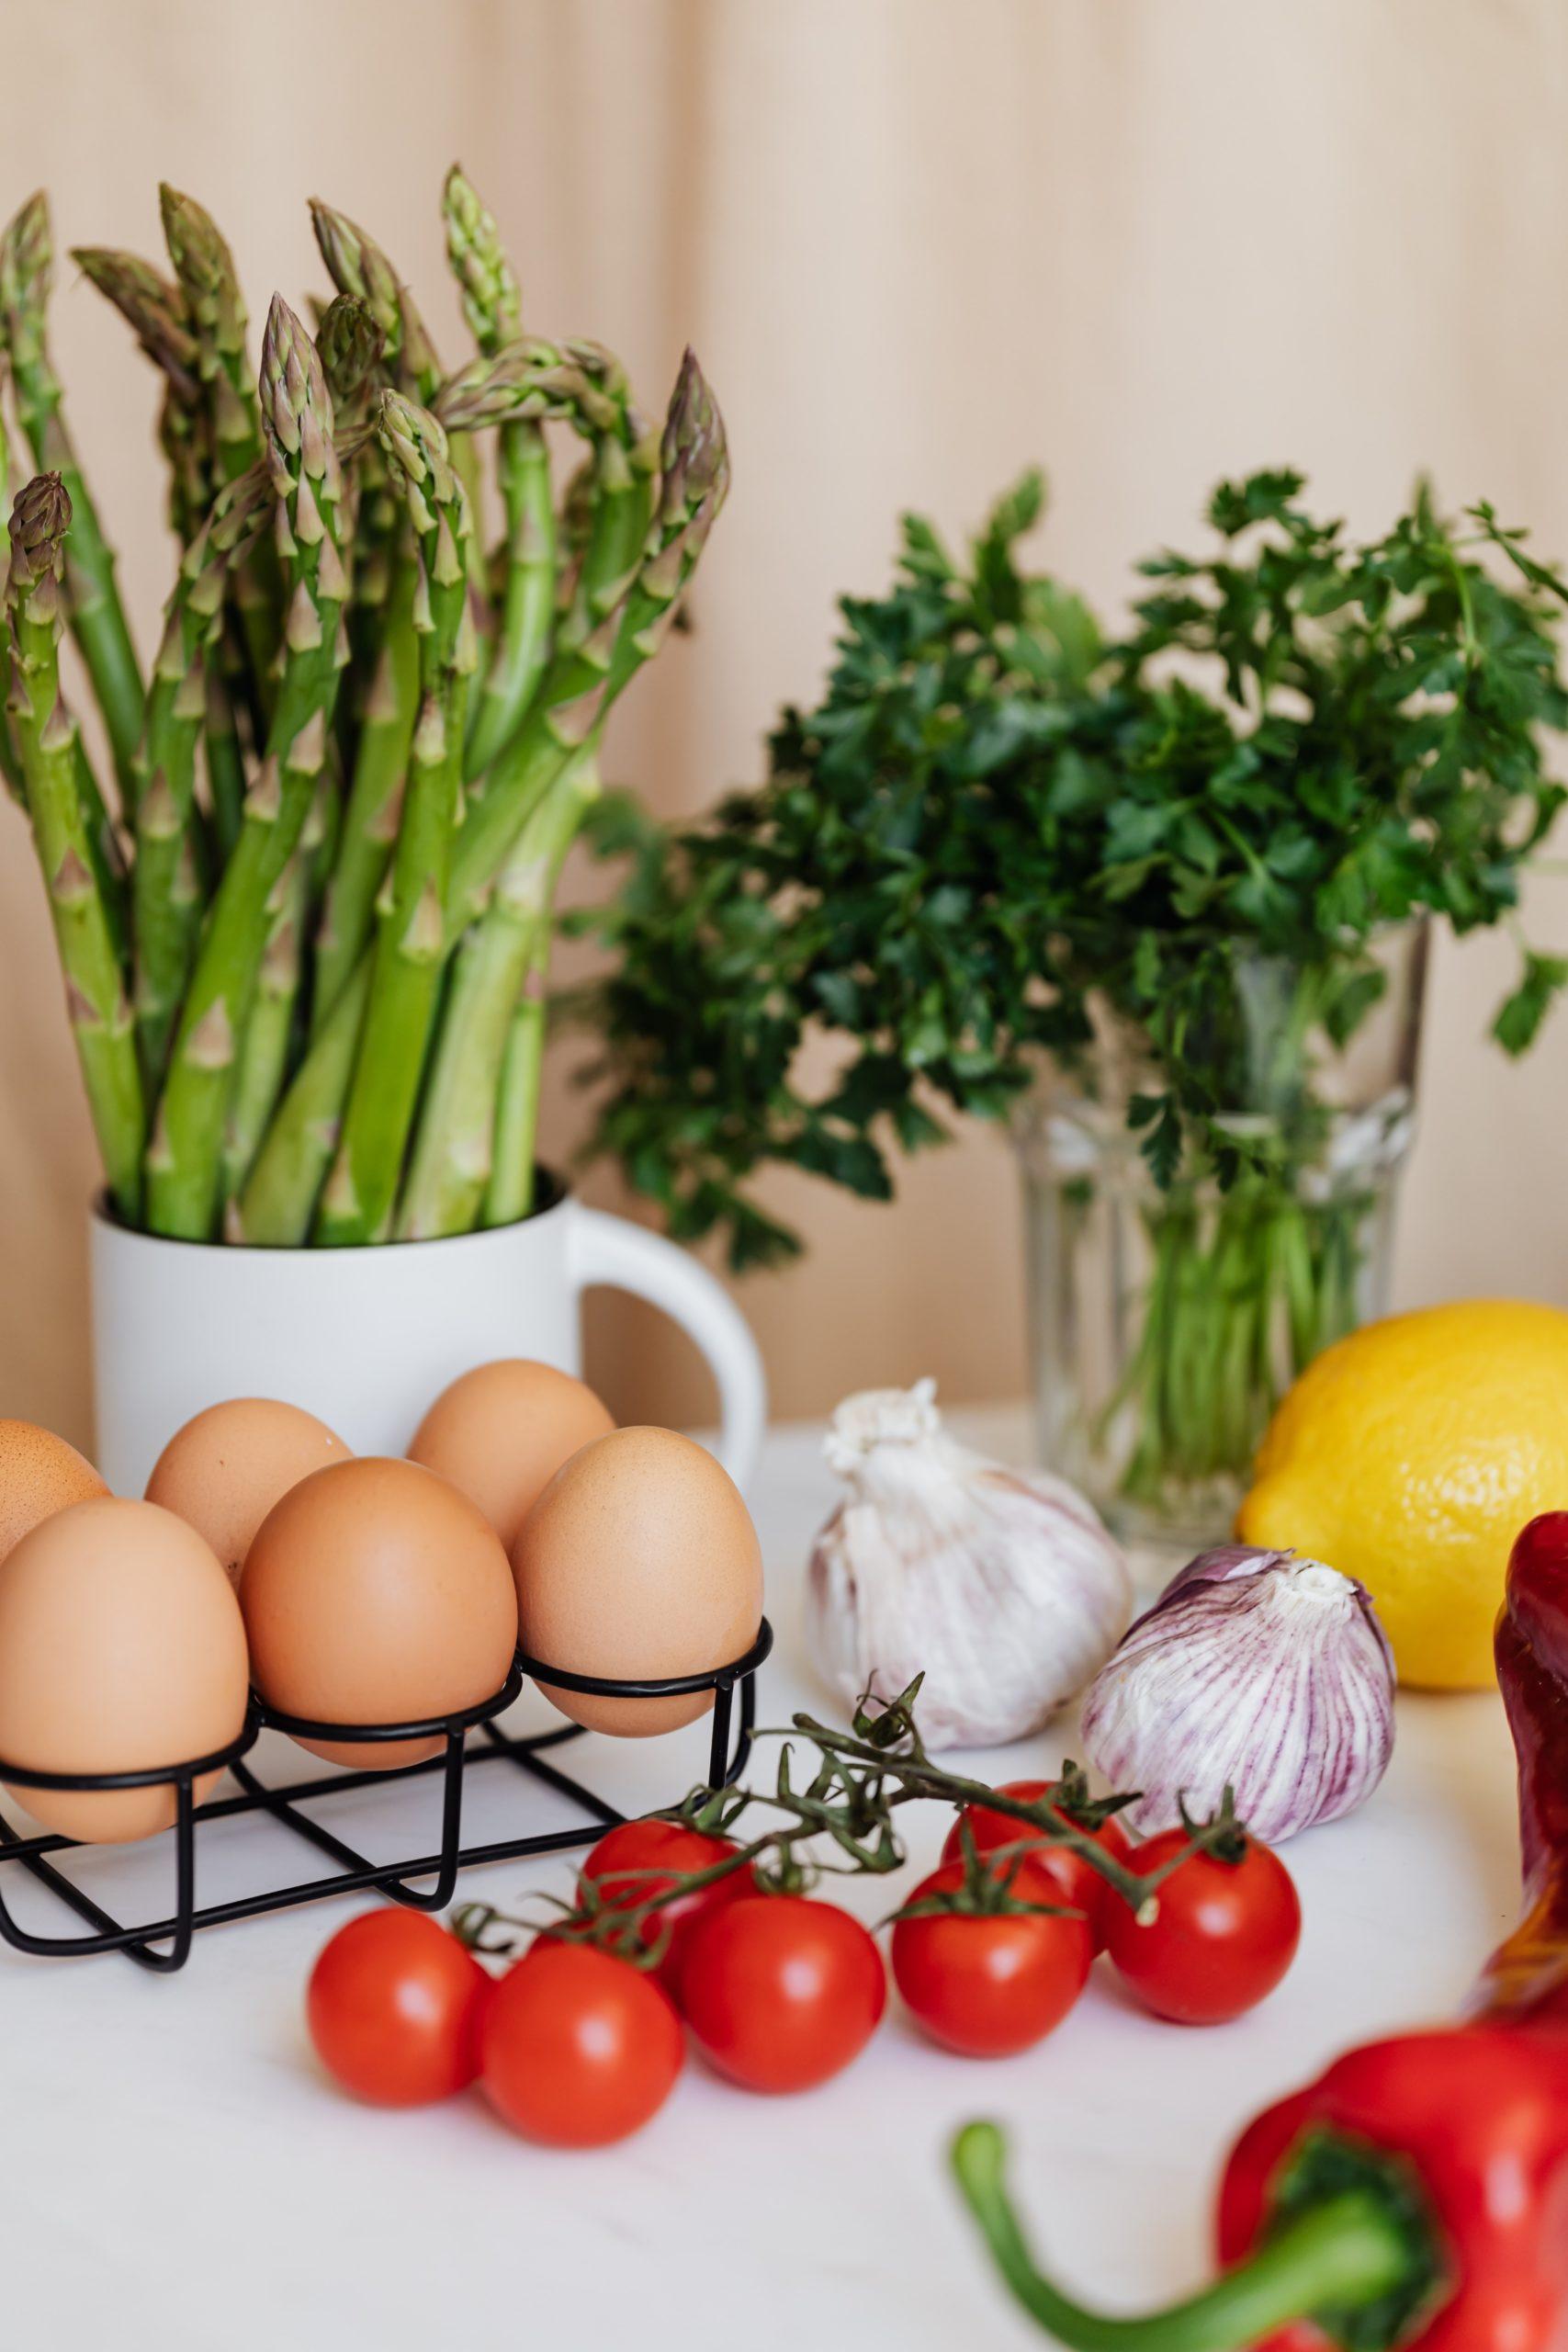 เมนู อาหาร สุขภาพ 30 วัน